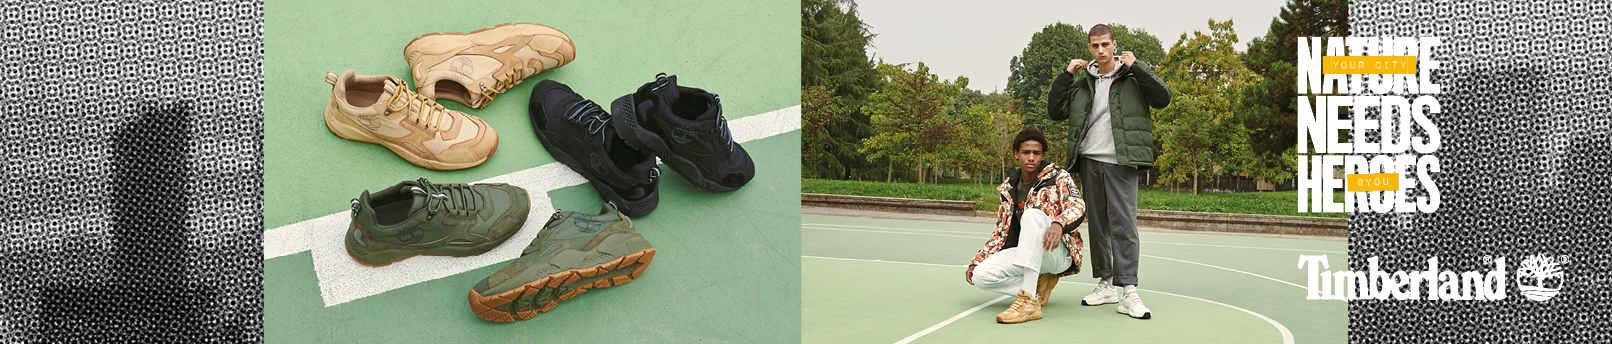 Zapatillas Talla 47 de hombre | Comprar bambas online en Zalando